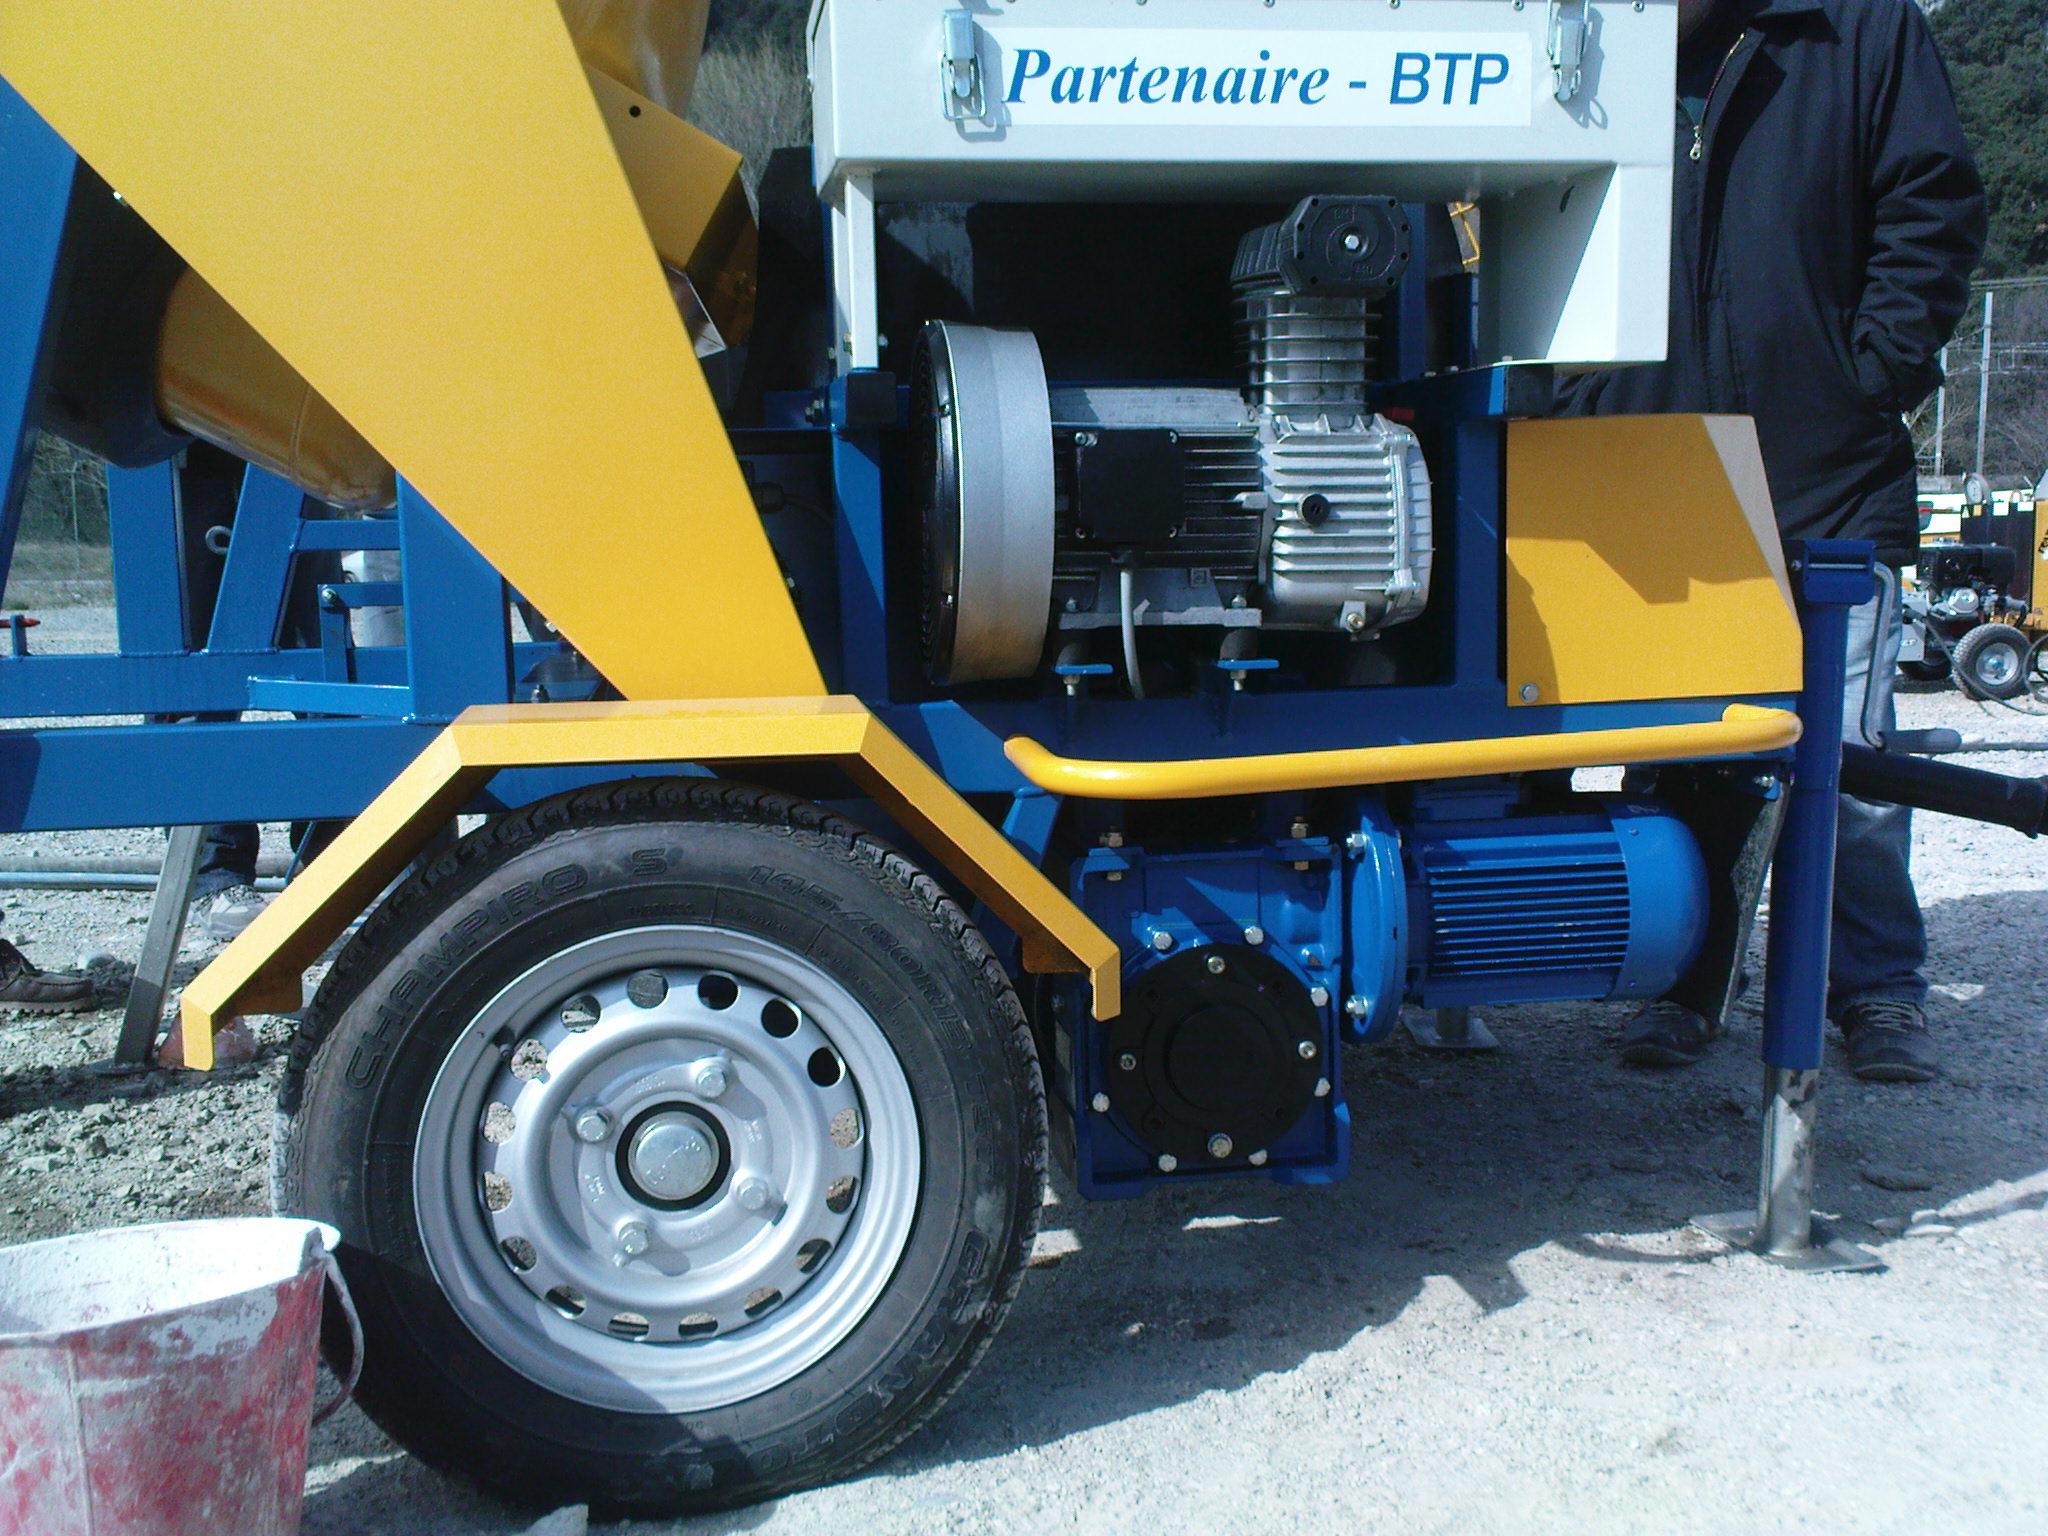 Partenaire BTP03